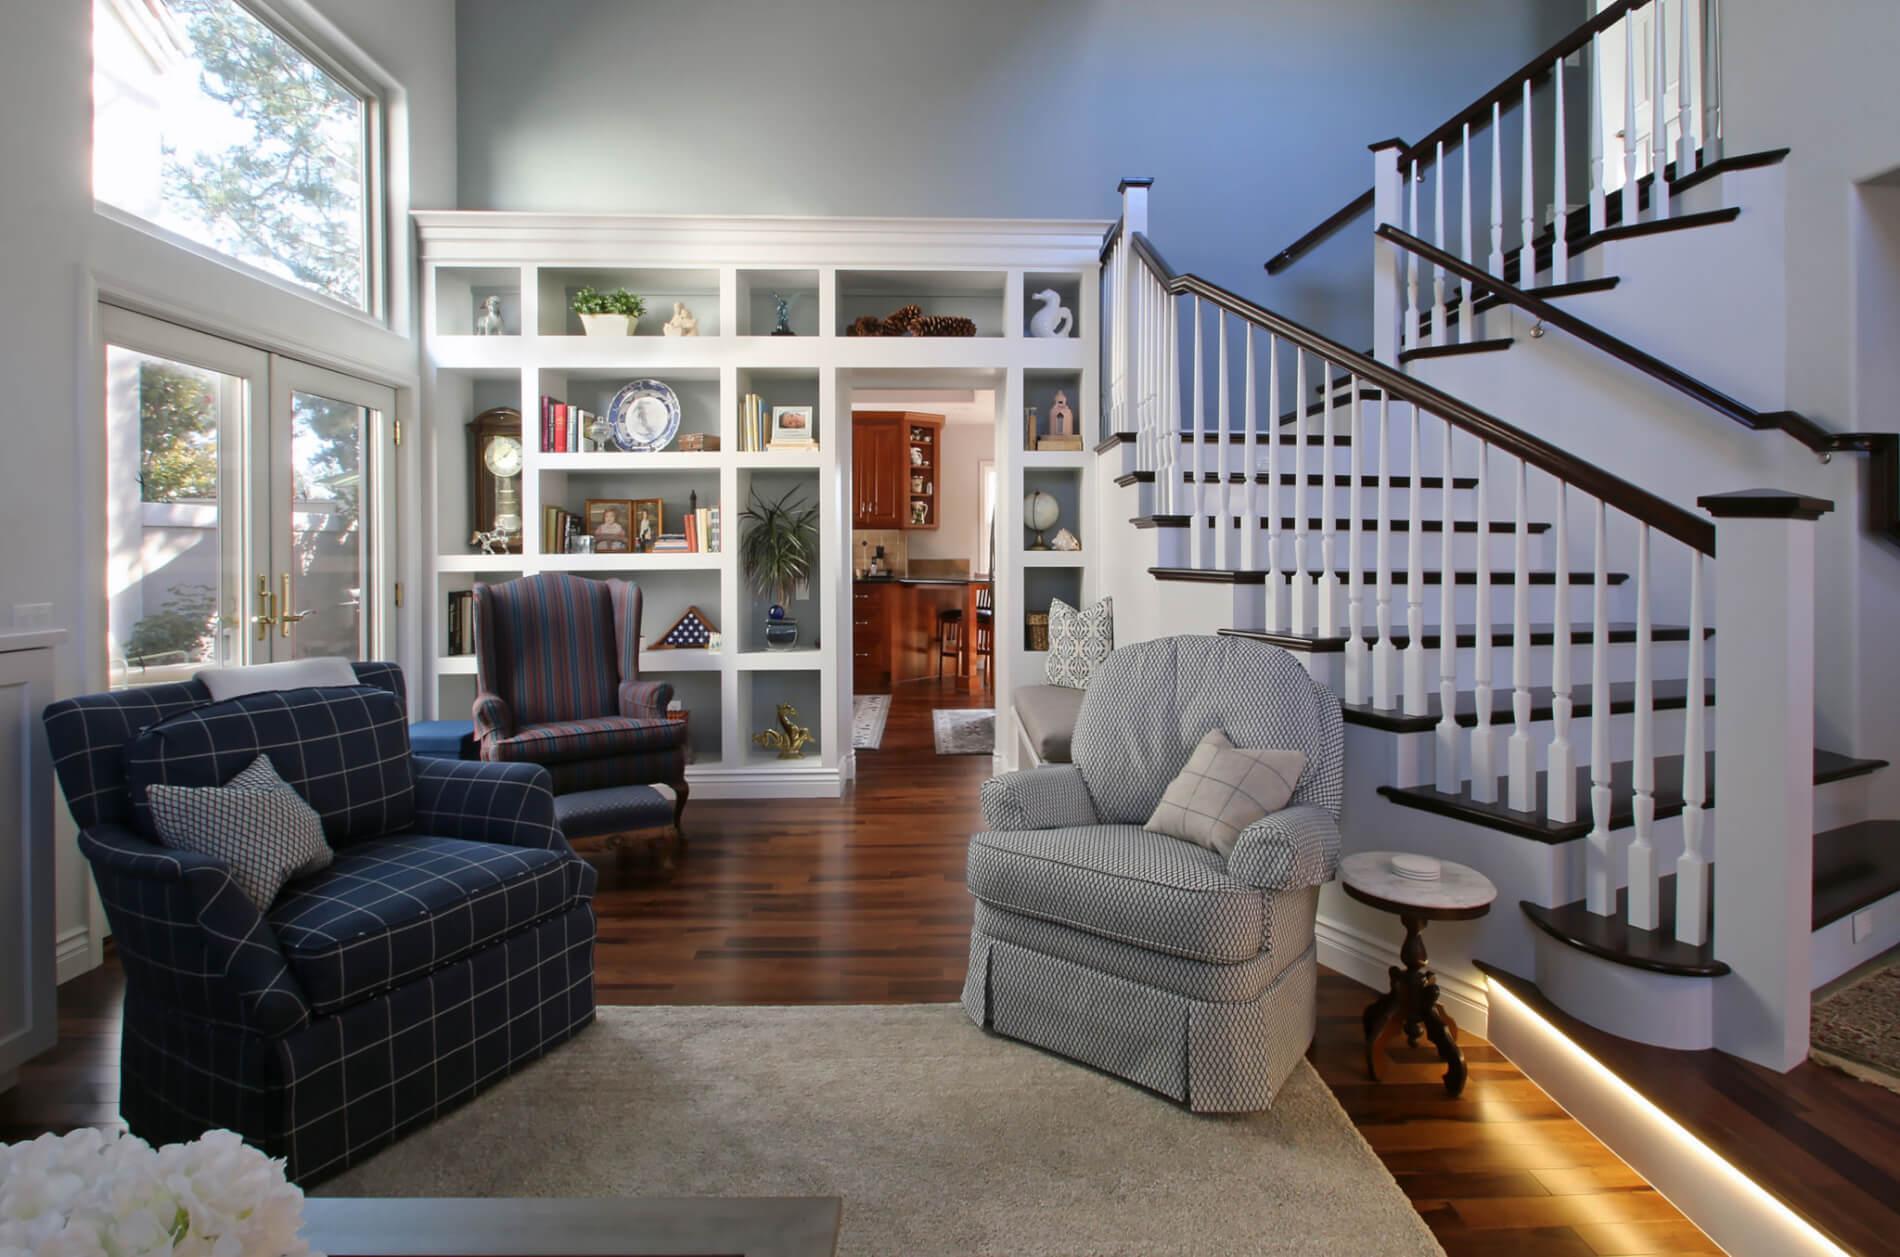 Family room remodel in Orange County, Family Friendly Remodeled Living Space in Orange County California